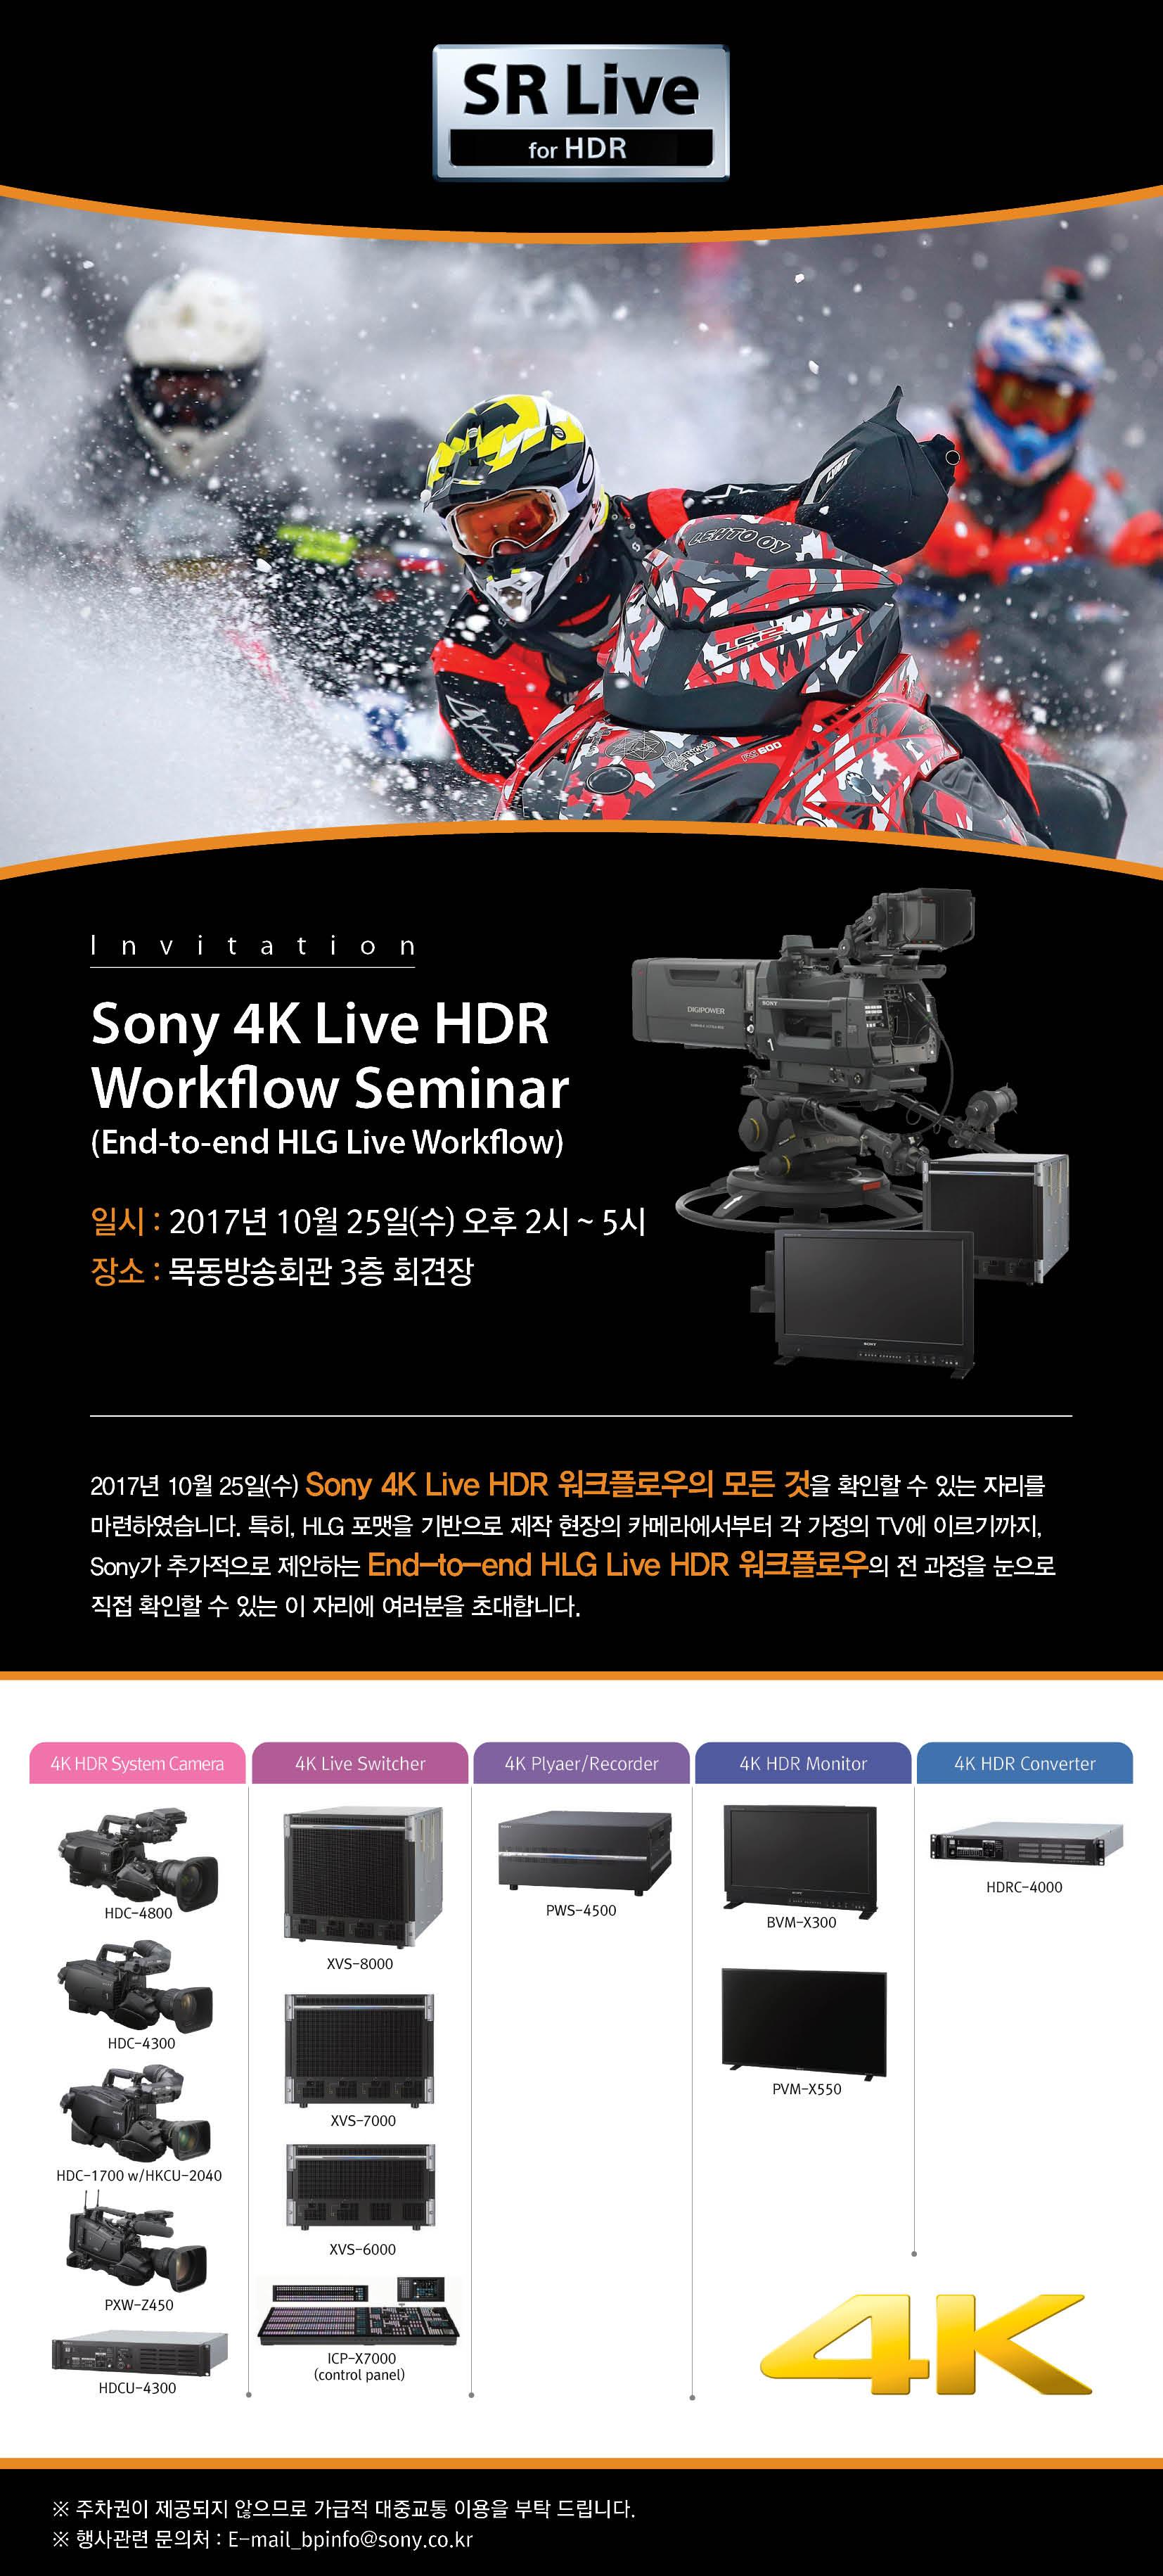 초청장_1025_목동방송회관_Sony 4K Live HDR Workflow Seminar_최종